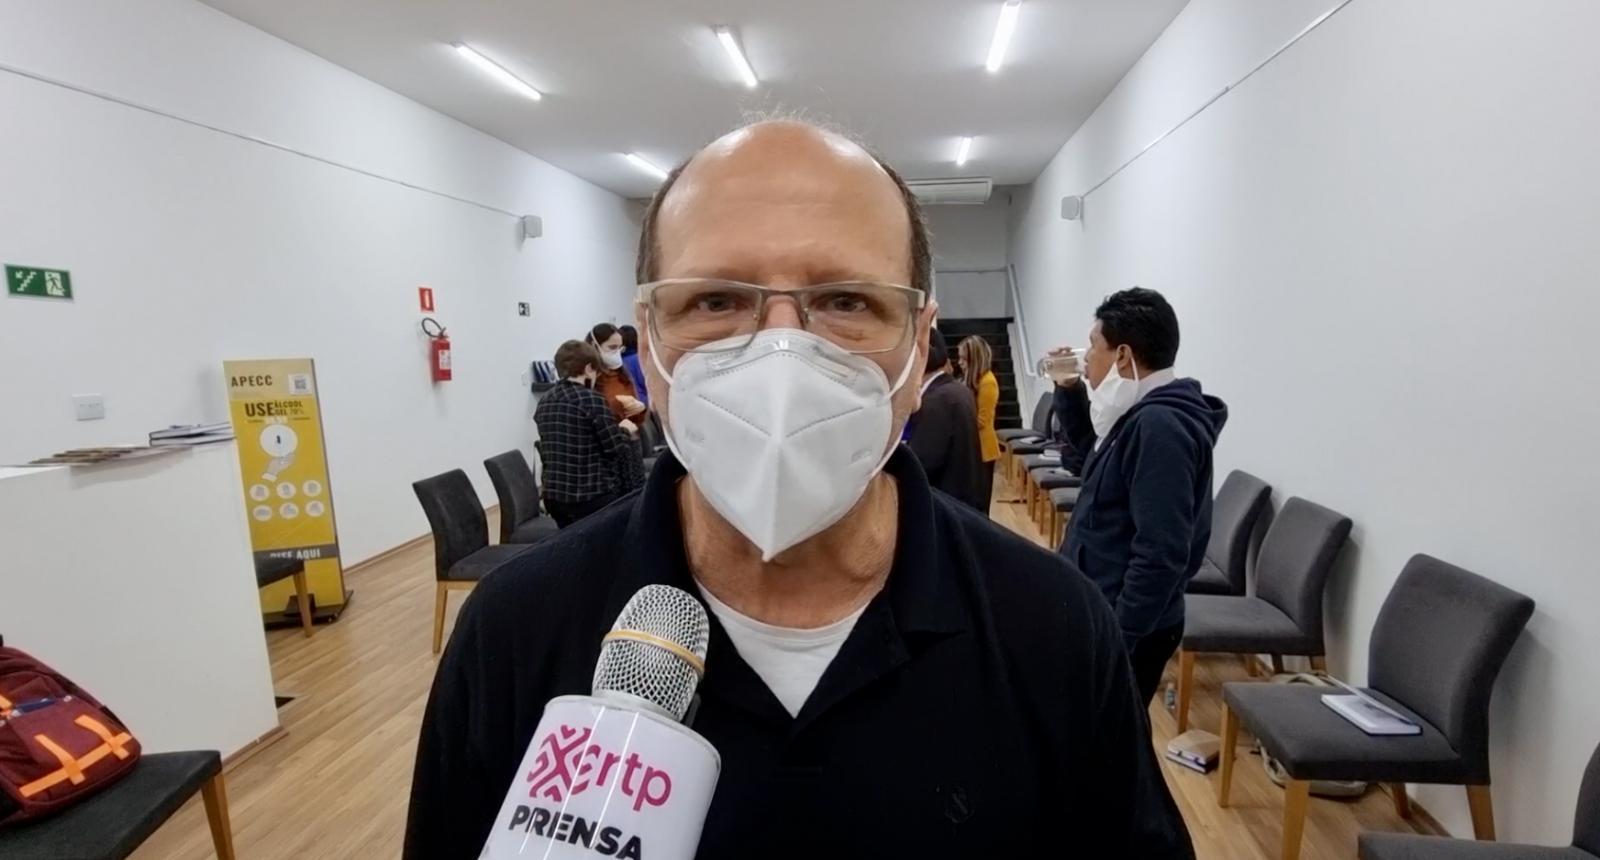 Dificuldades na regularização de documentos durante a pandemia vulnerabilizam ainda mais a imigrantes no Brasil